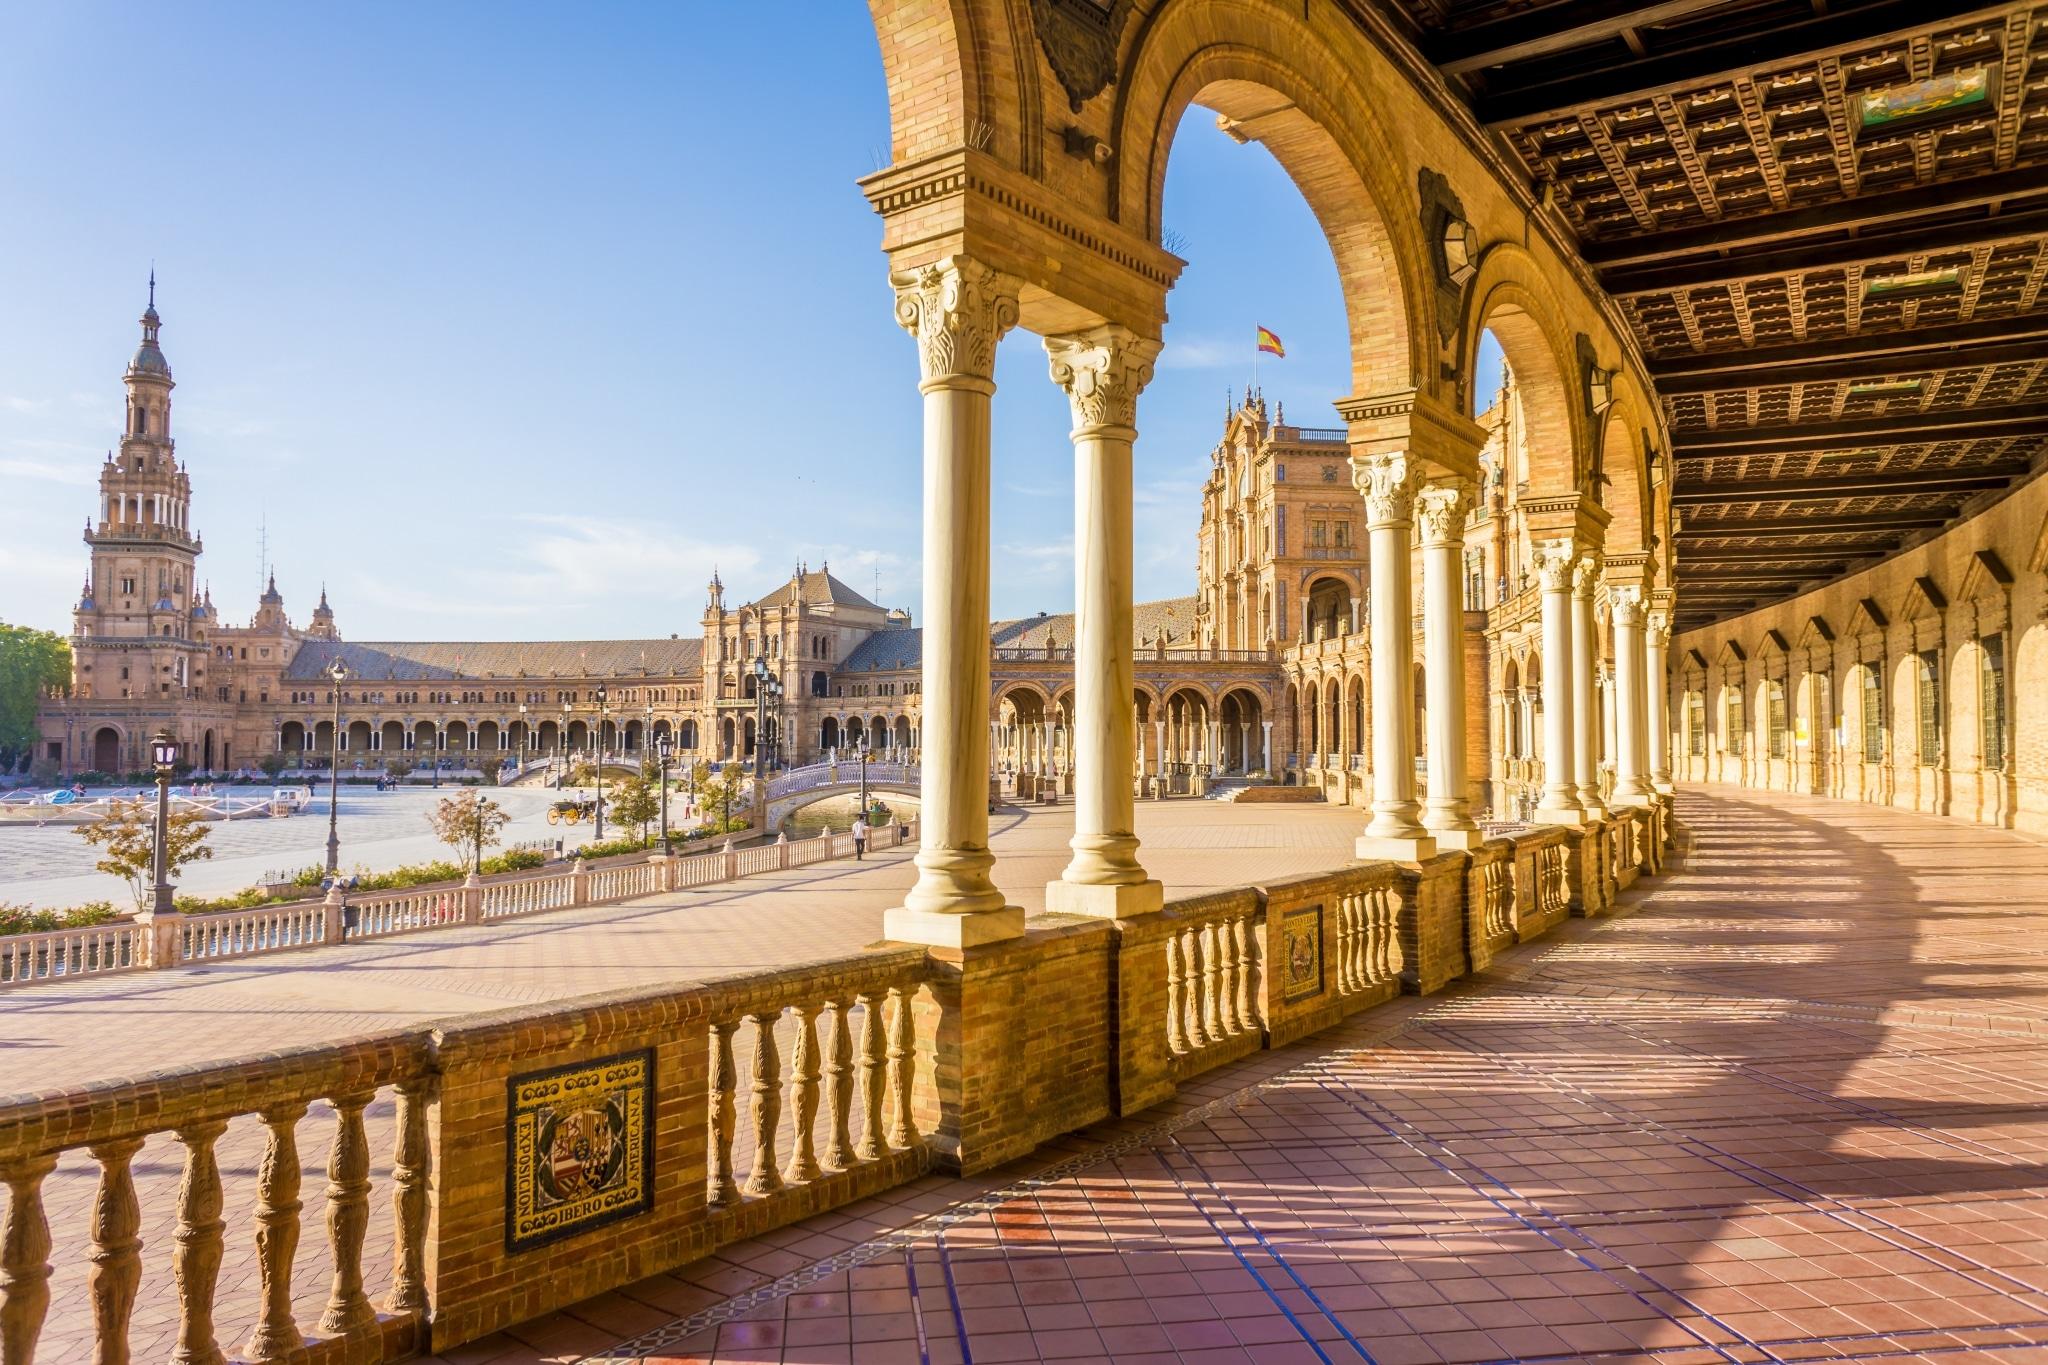 Vista de la Plaza de España desde dentro del edificio